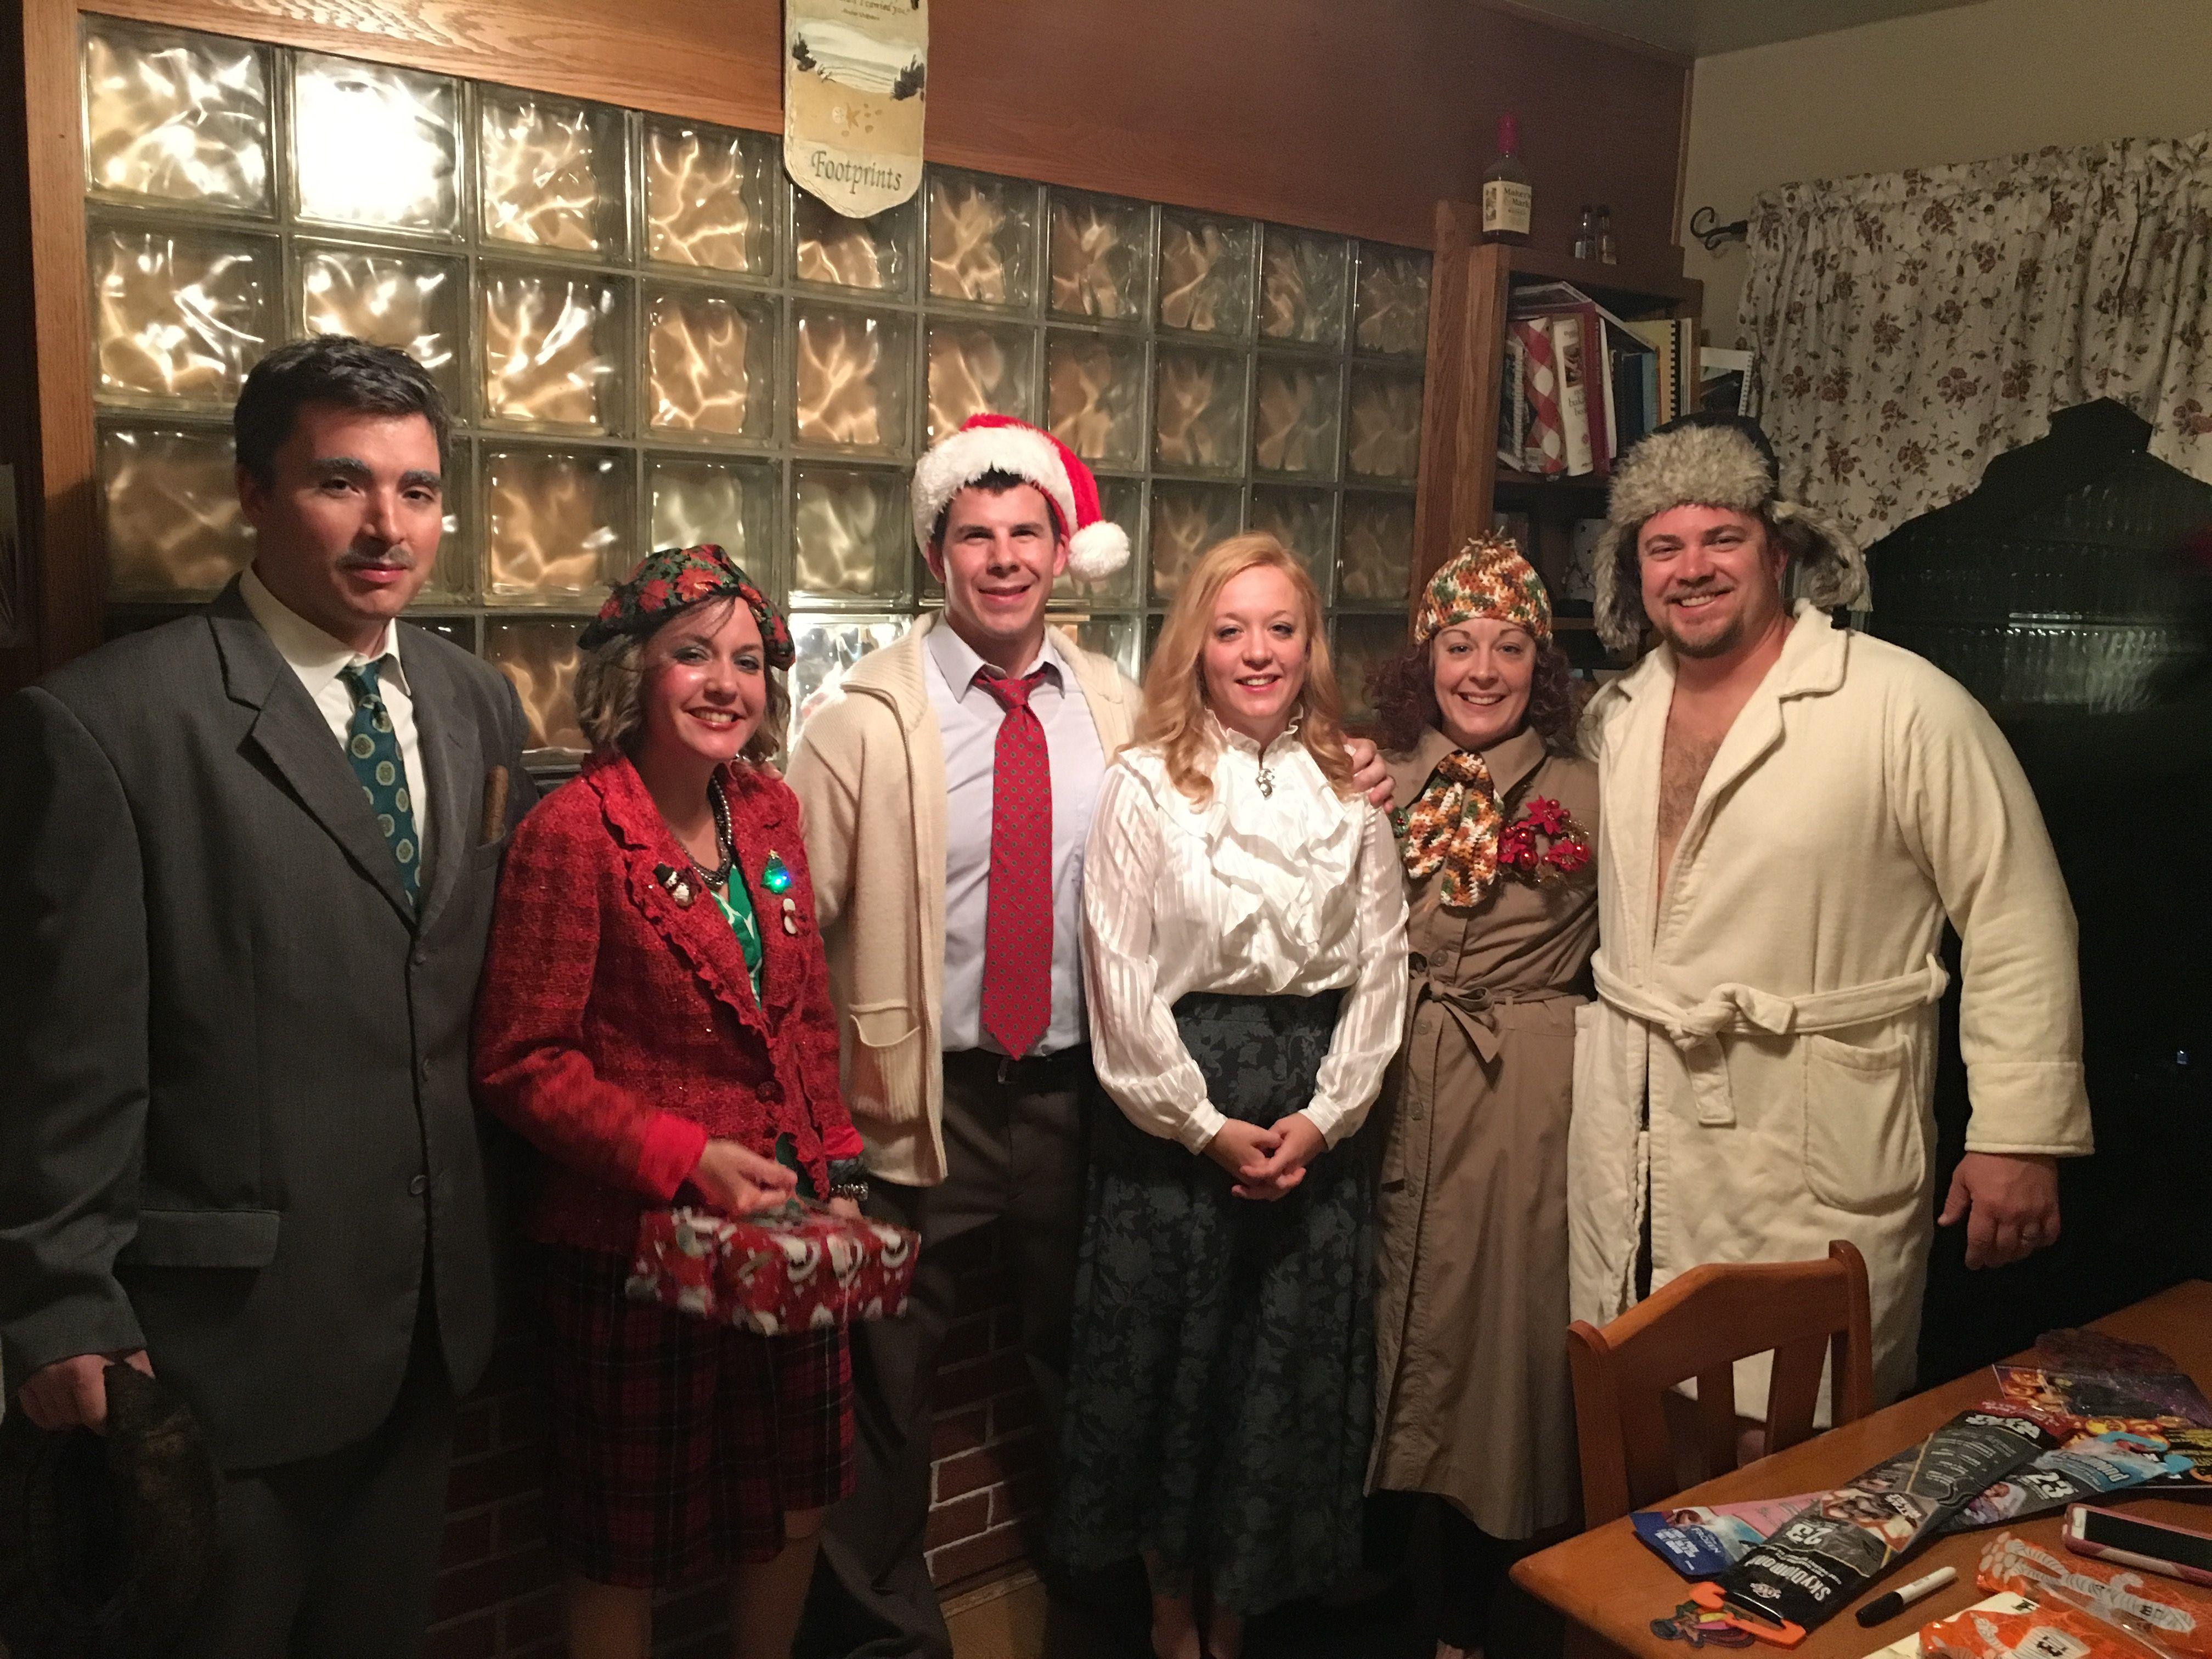 Christmas Vacation Halloween Group Costume Christmas